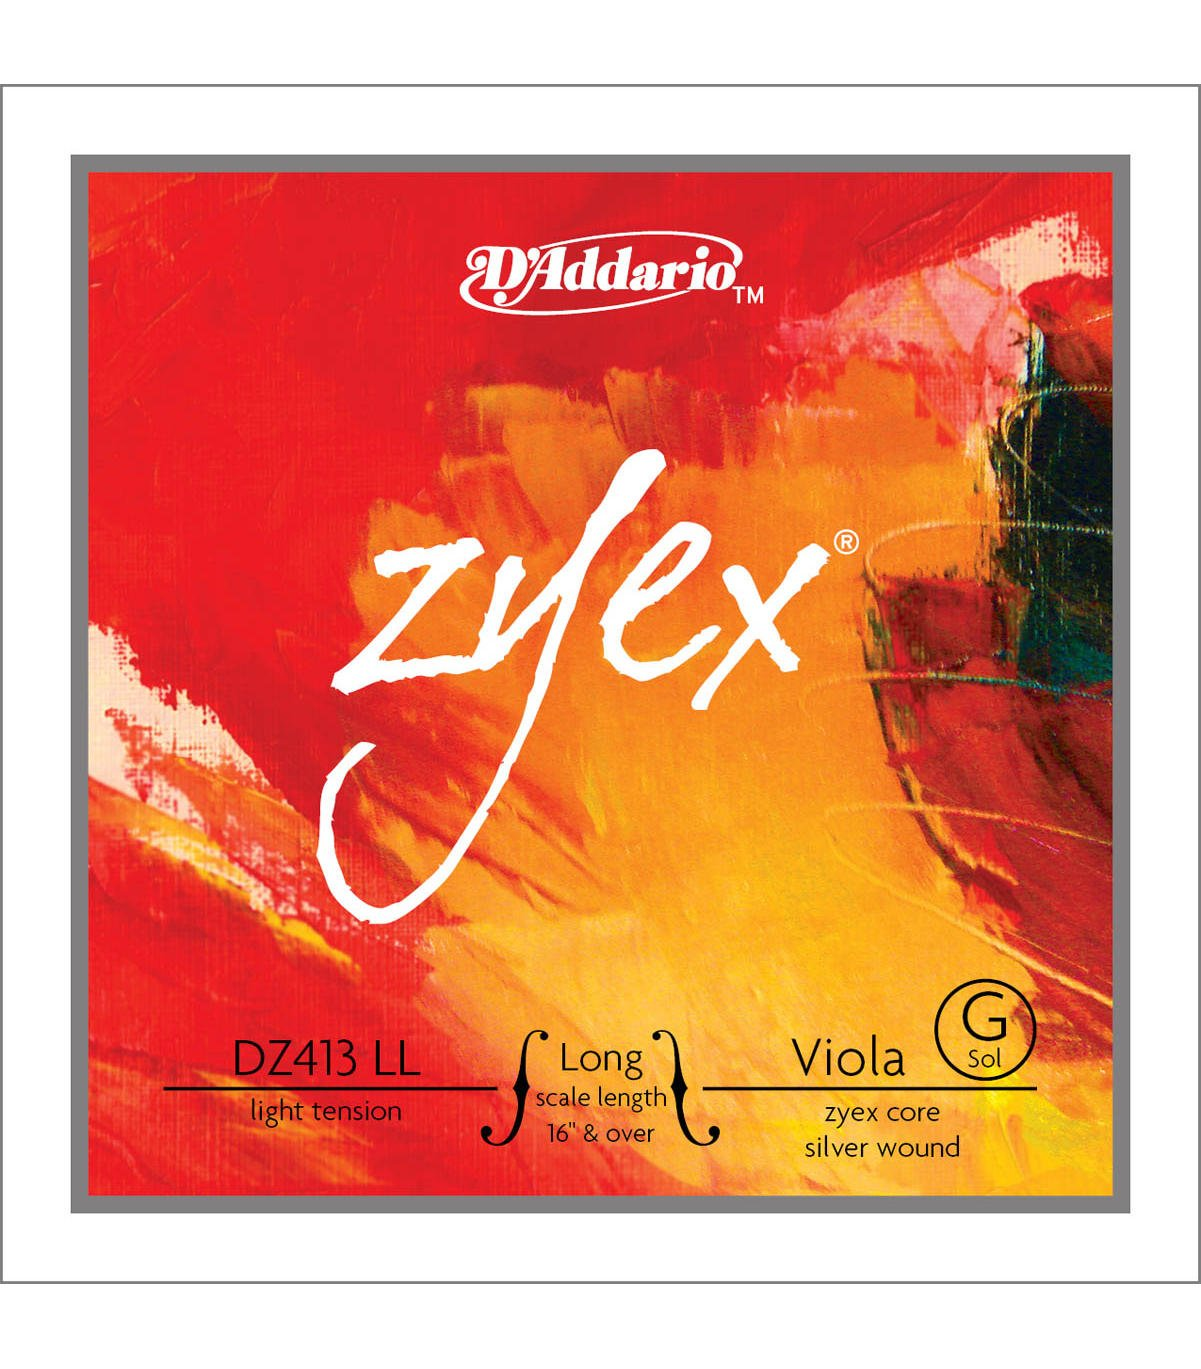 Daddario Orchestral C Dz414 Lh Long Hvy Cuerda viola